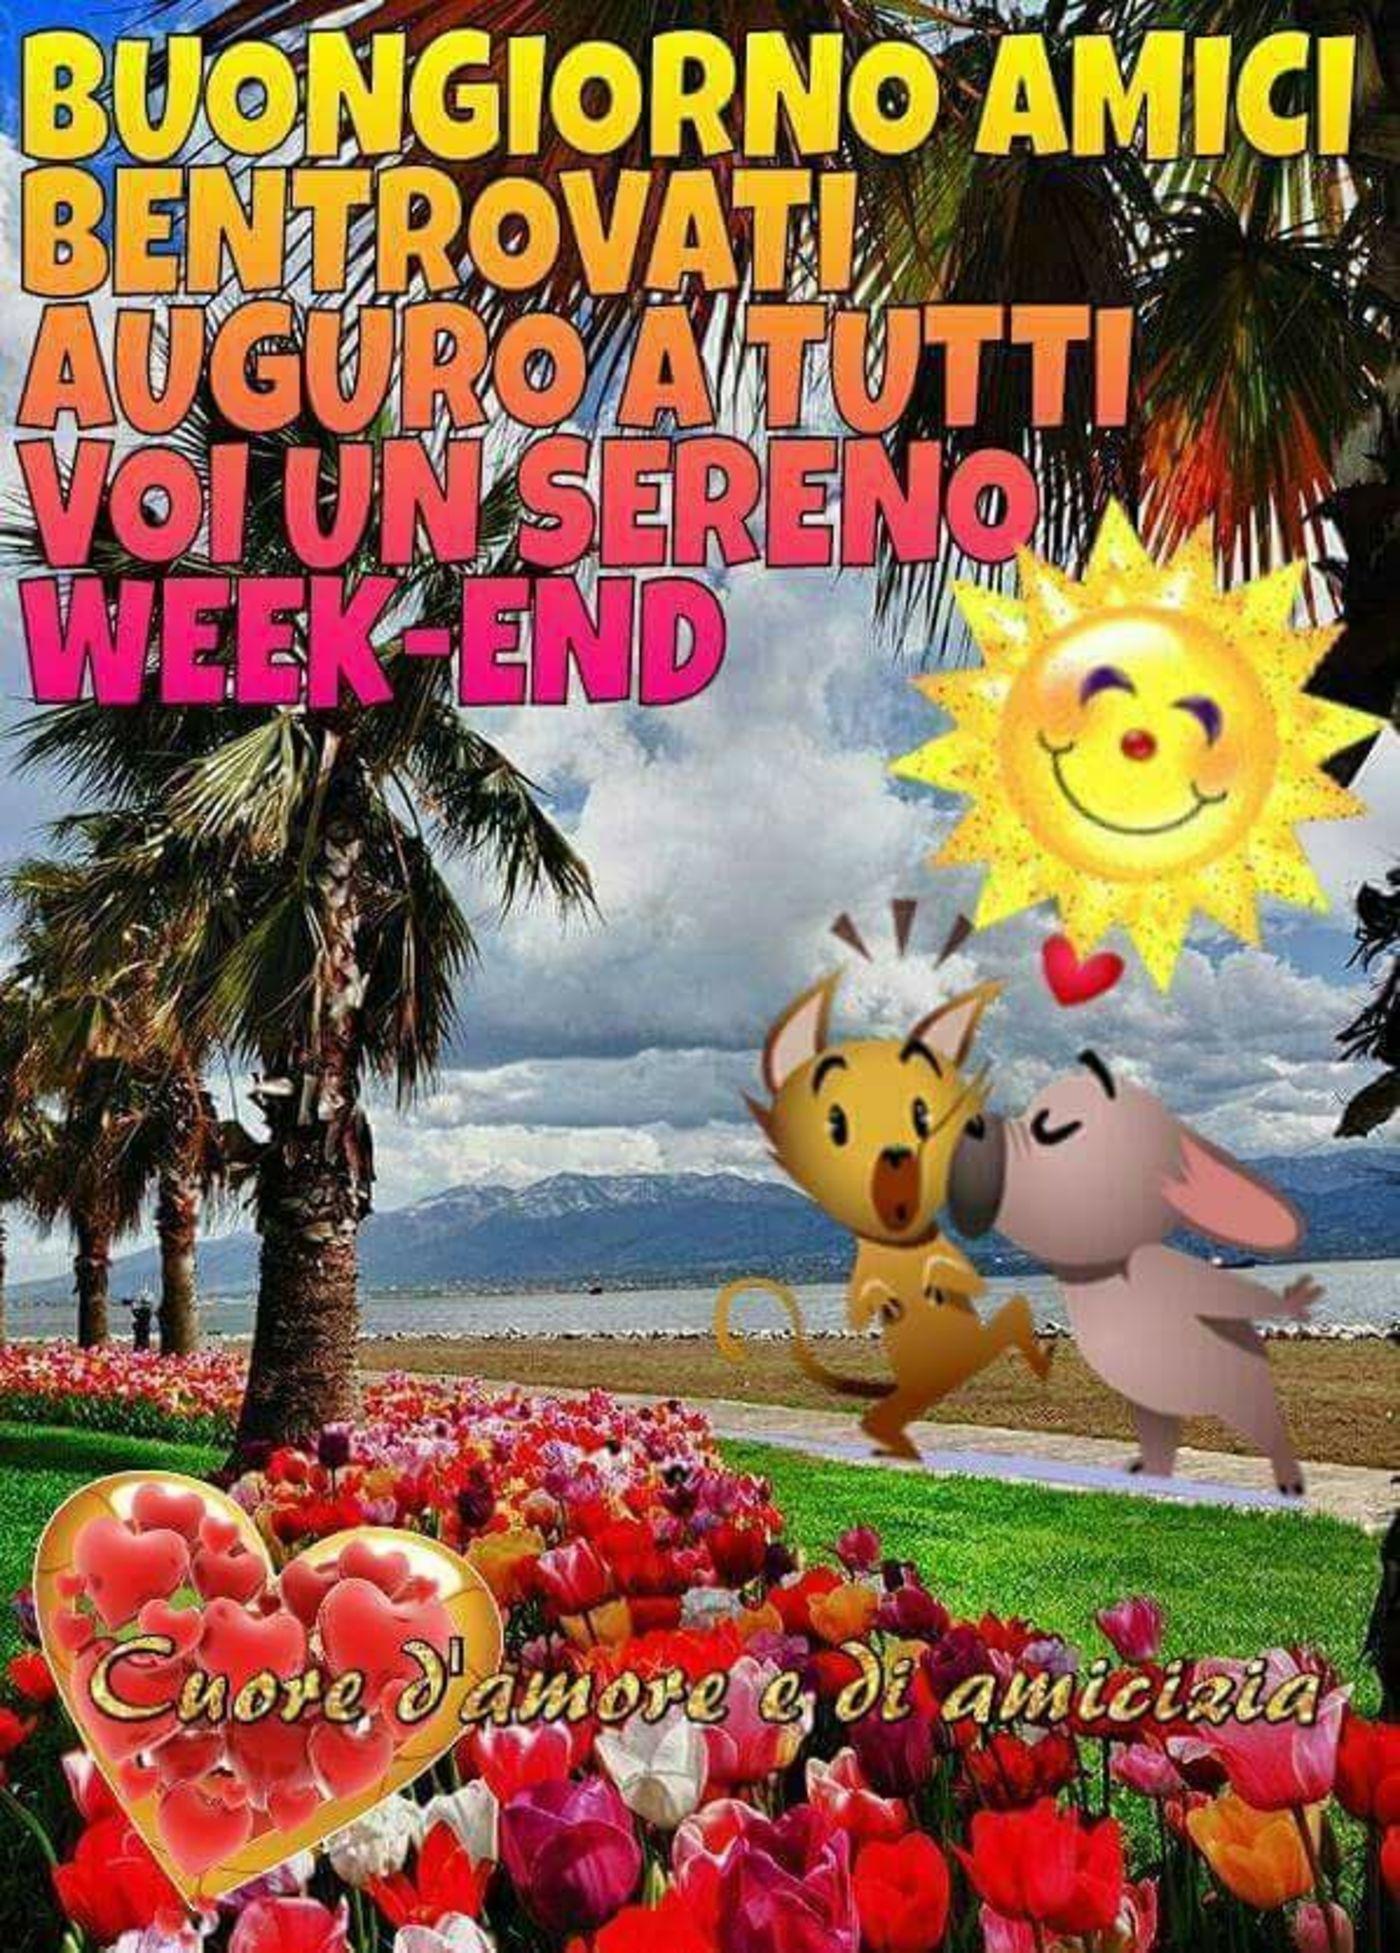 Buongiorno e Buon Weekend 3043